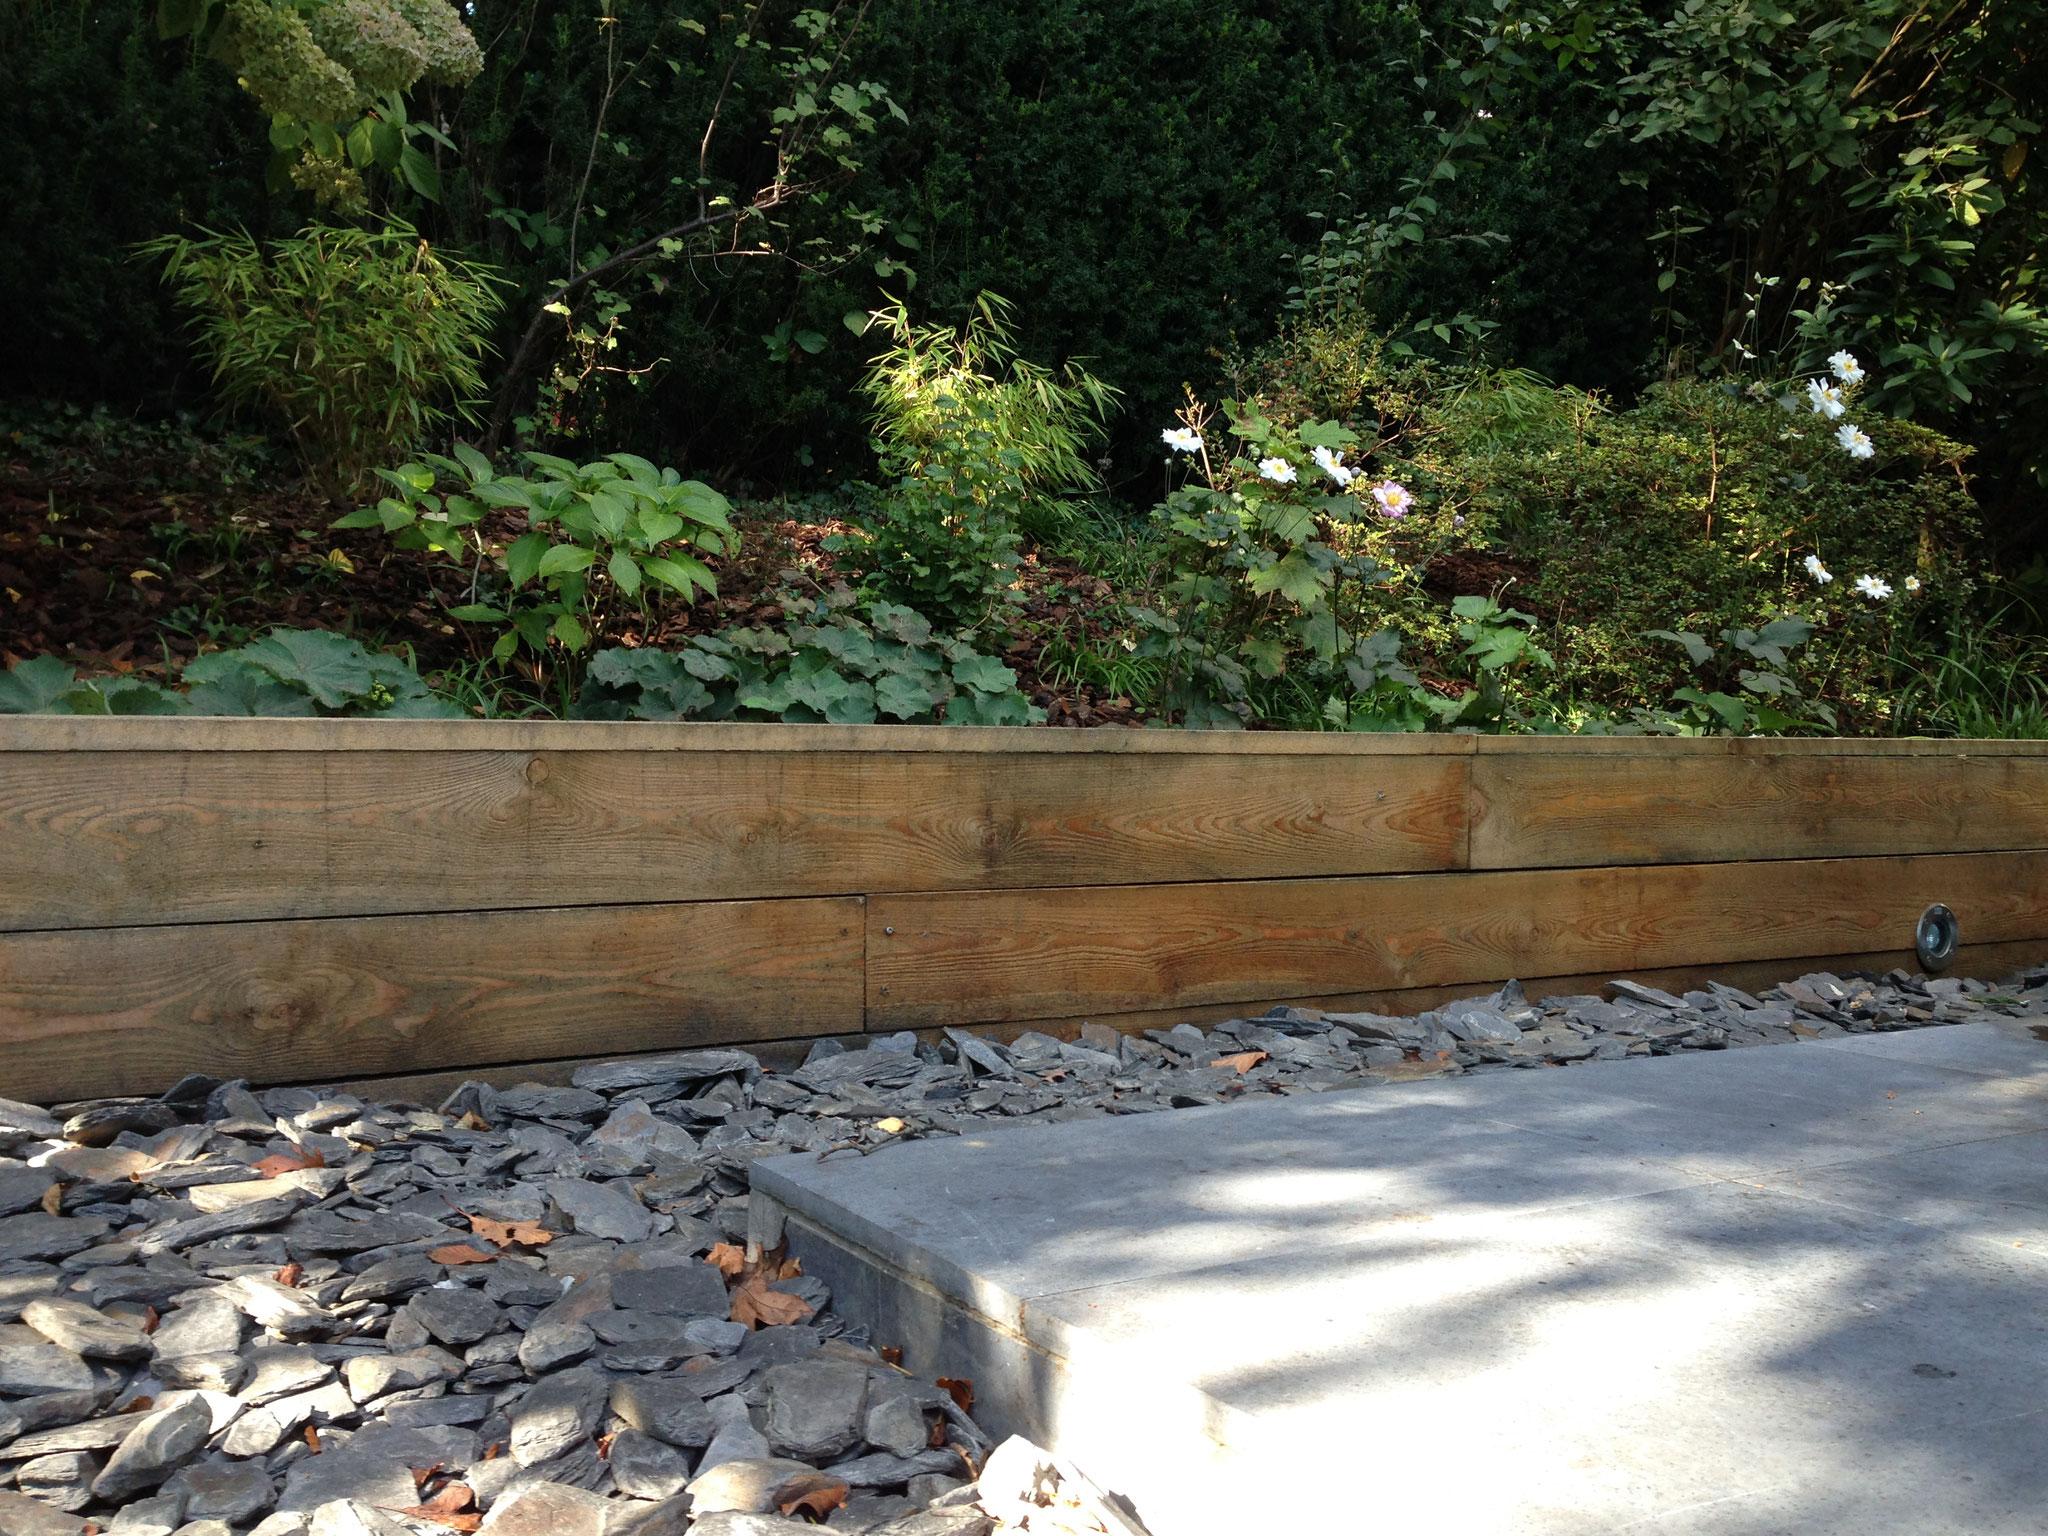 Jardin de 400m2 - Style contemporain - Jardin avant - Pierre bleue/ schiste/ Bois. Amenagement jardin Bruxelles